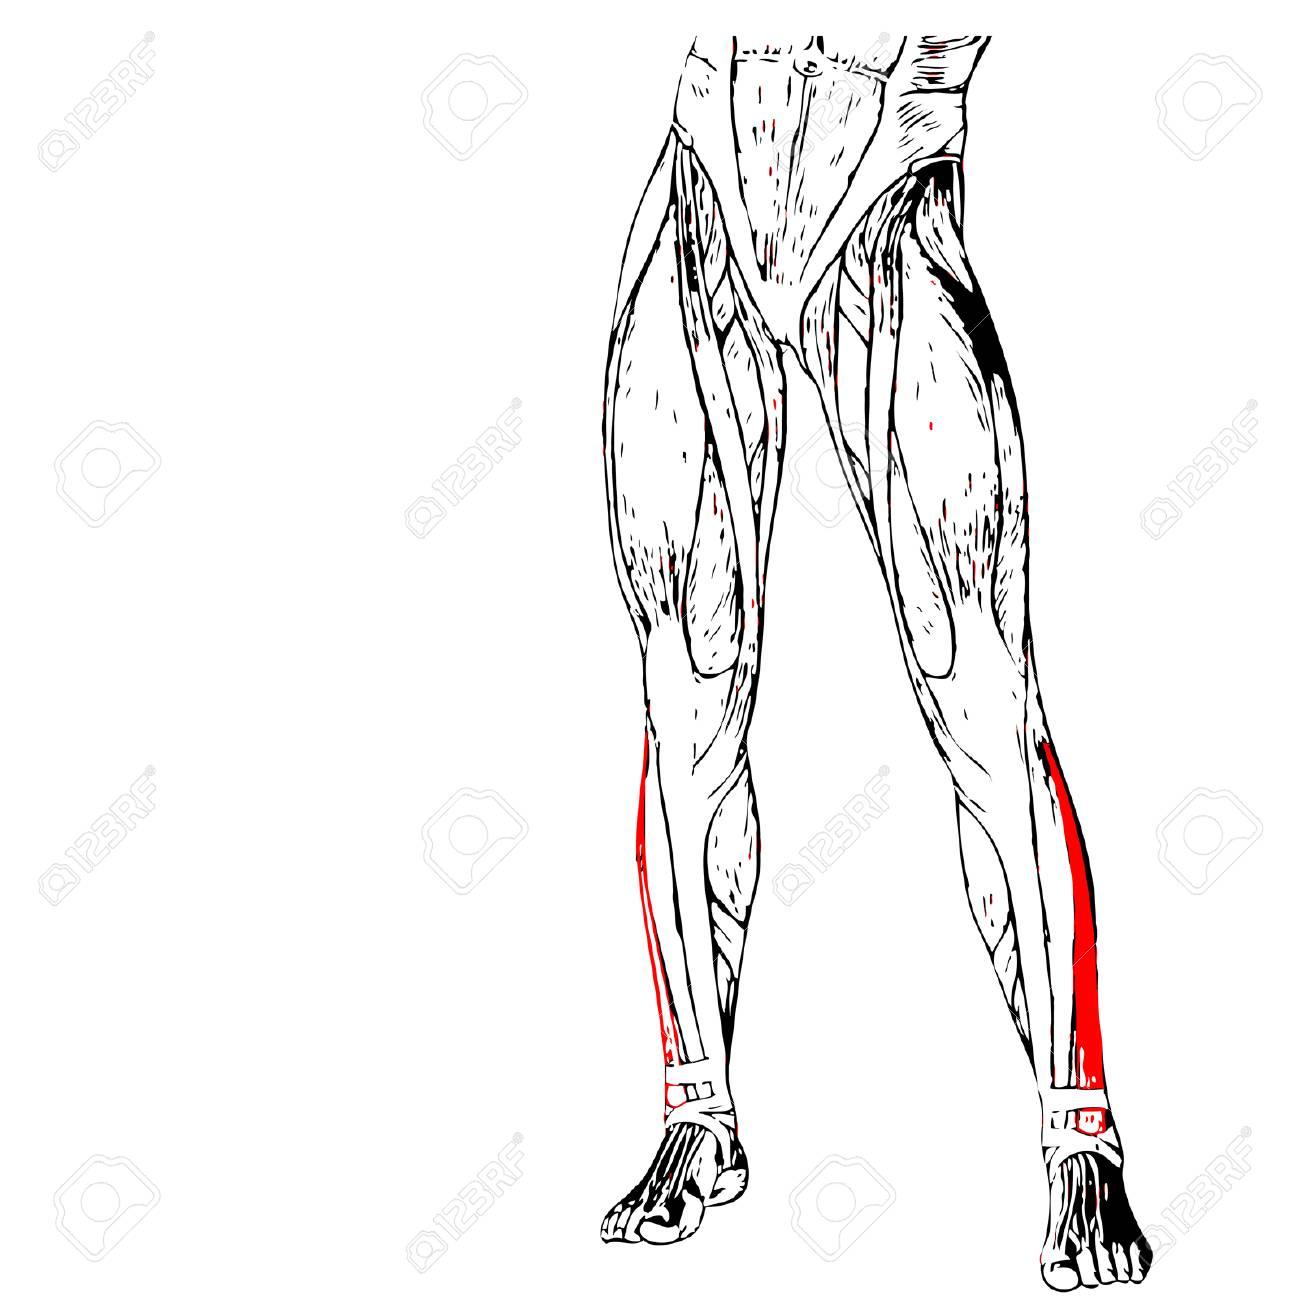 Encantador Anatomía De La Pierna Derecha Elaboración - Anatomía de ...